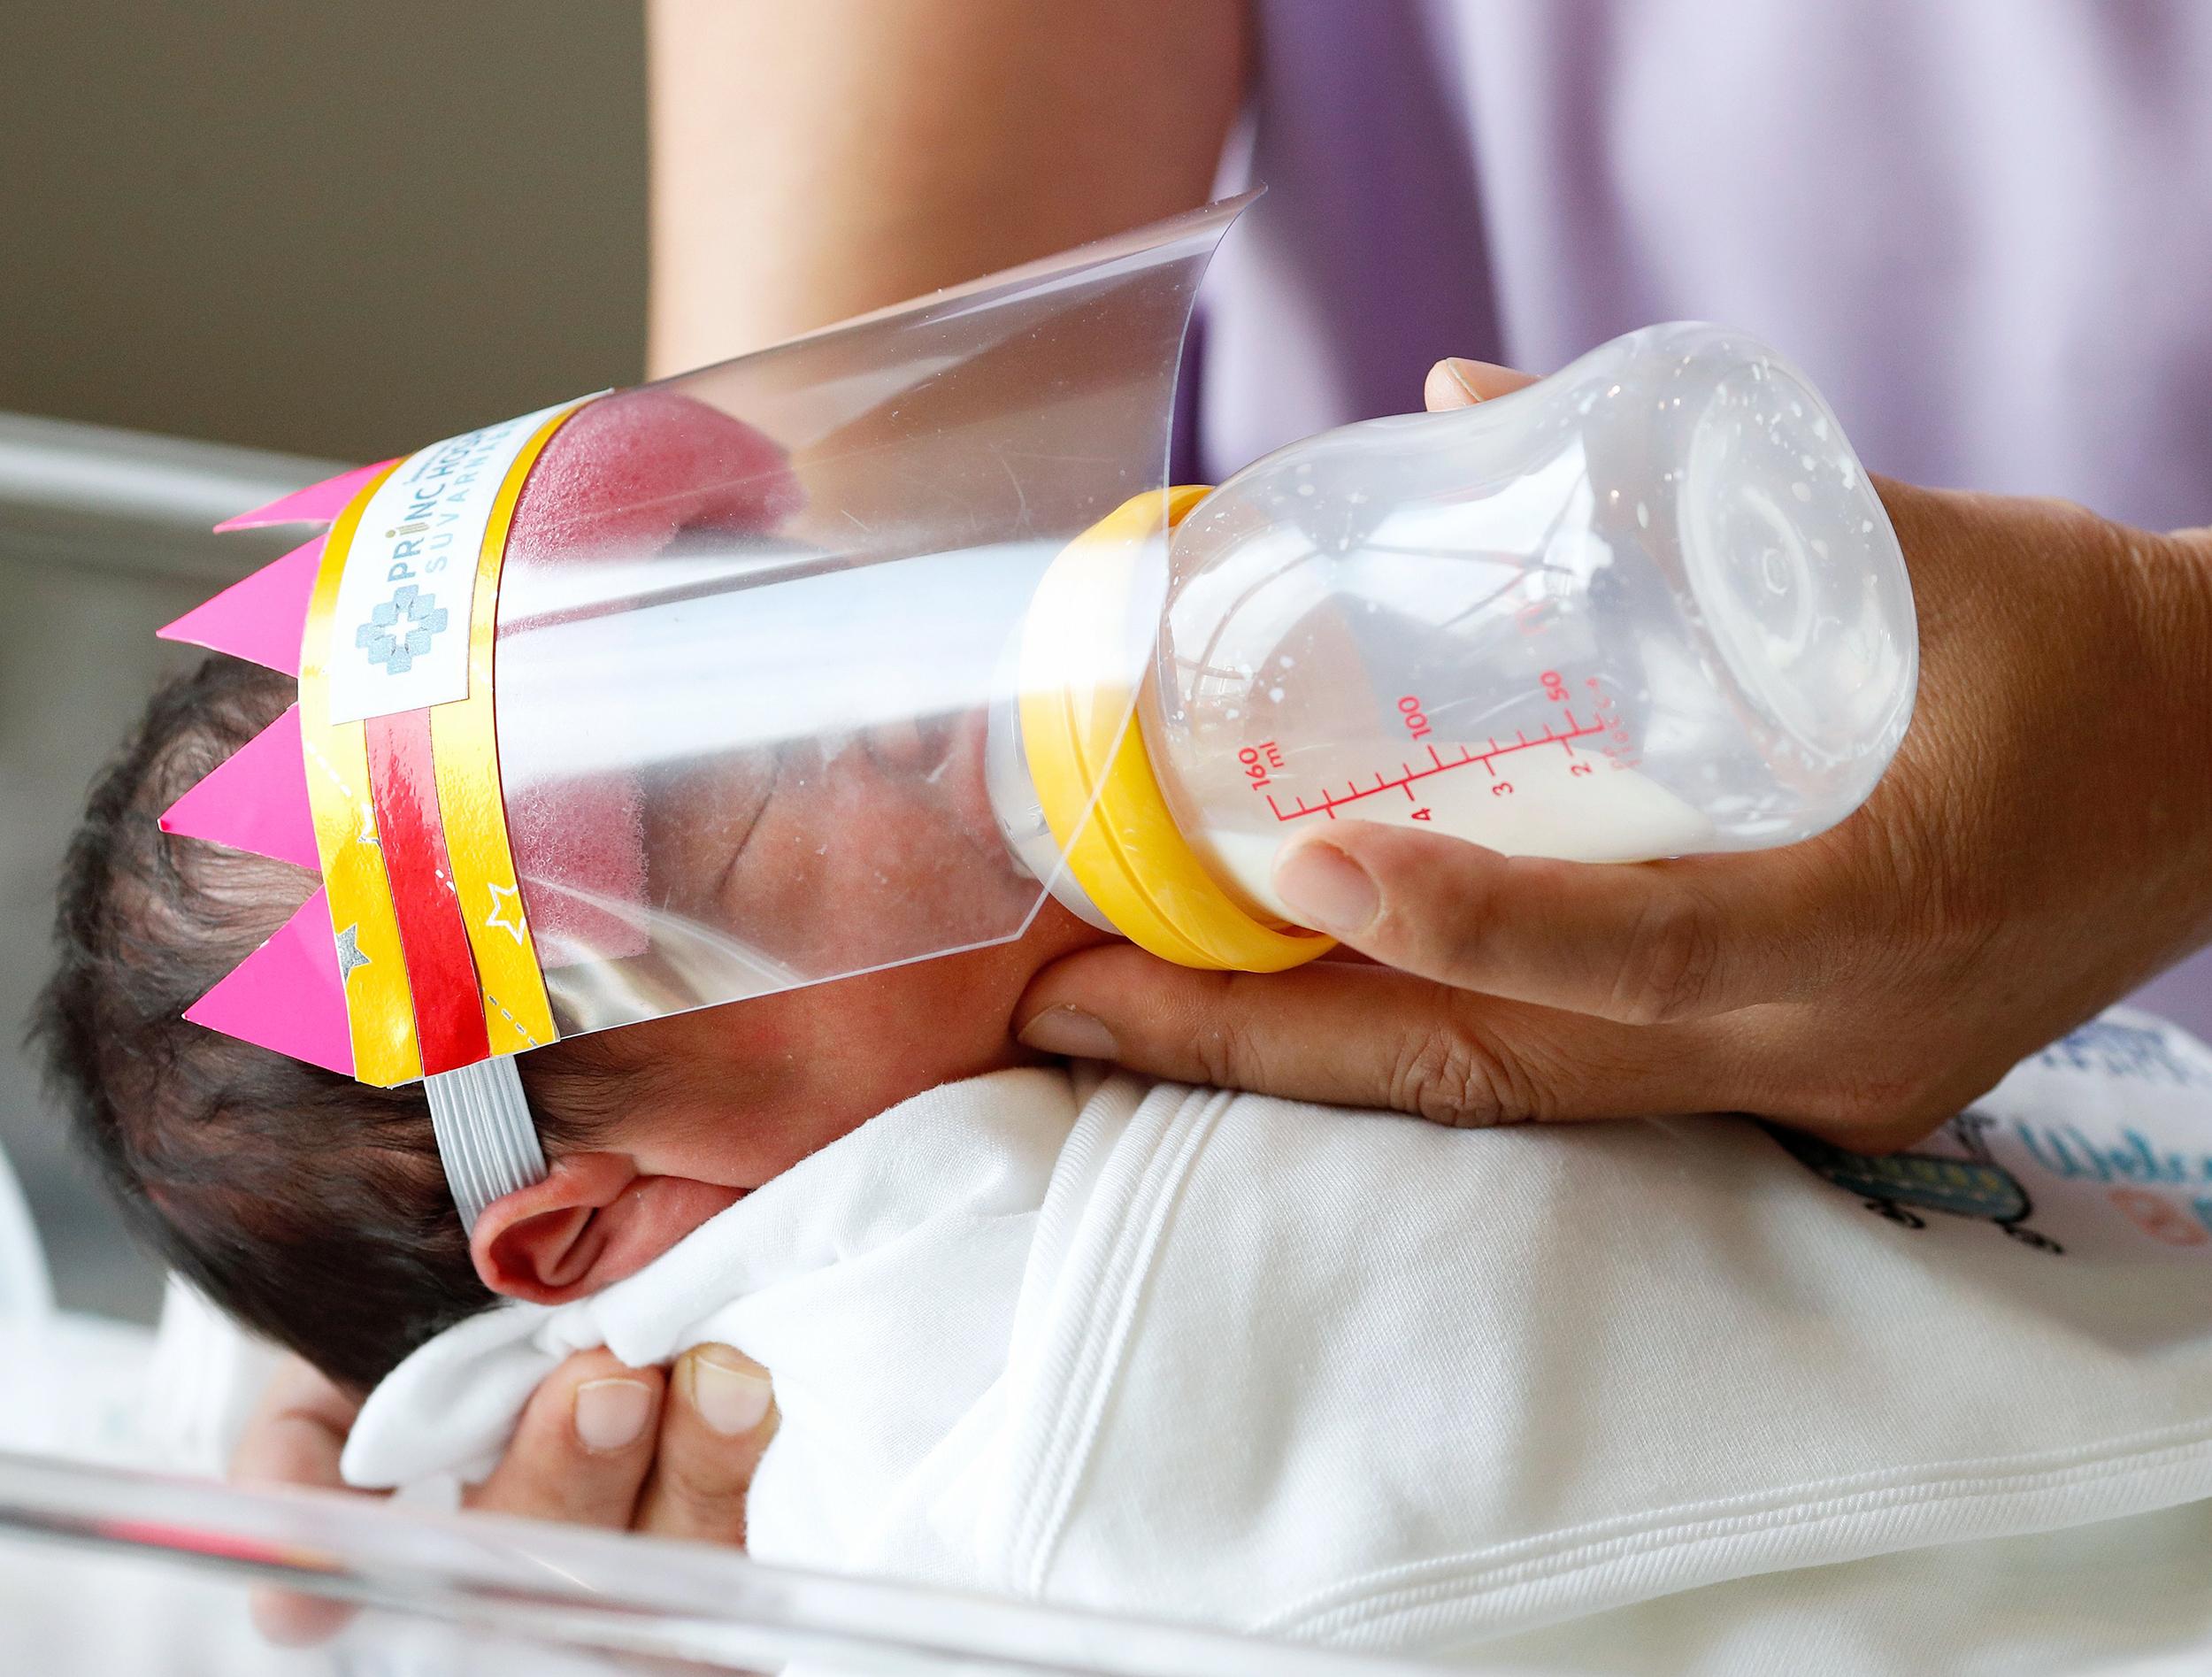 newborn-baby-mask-thailand-today-inline-